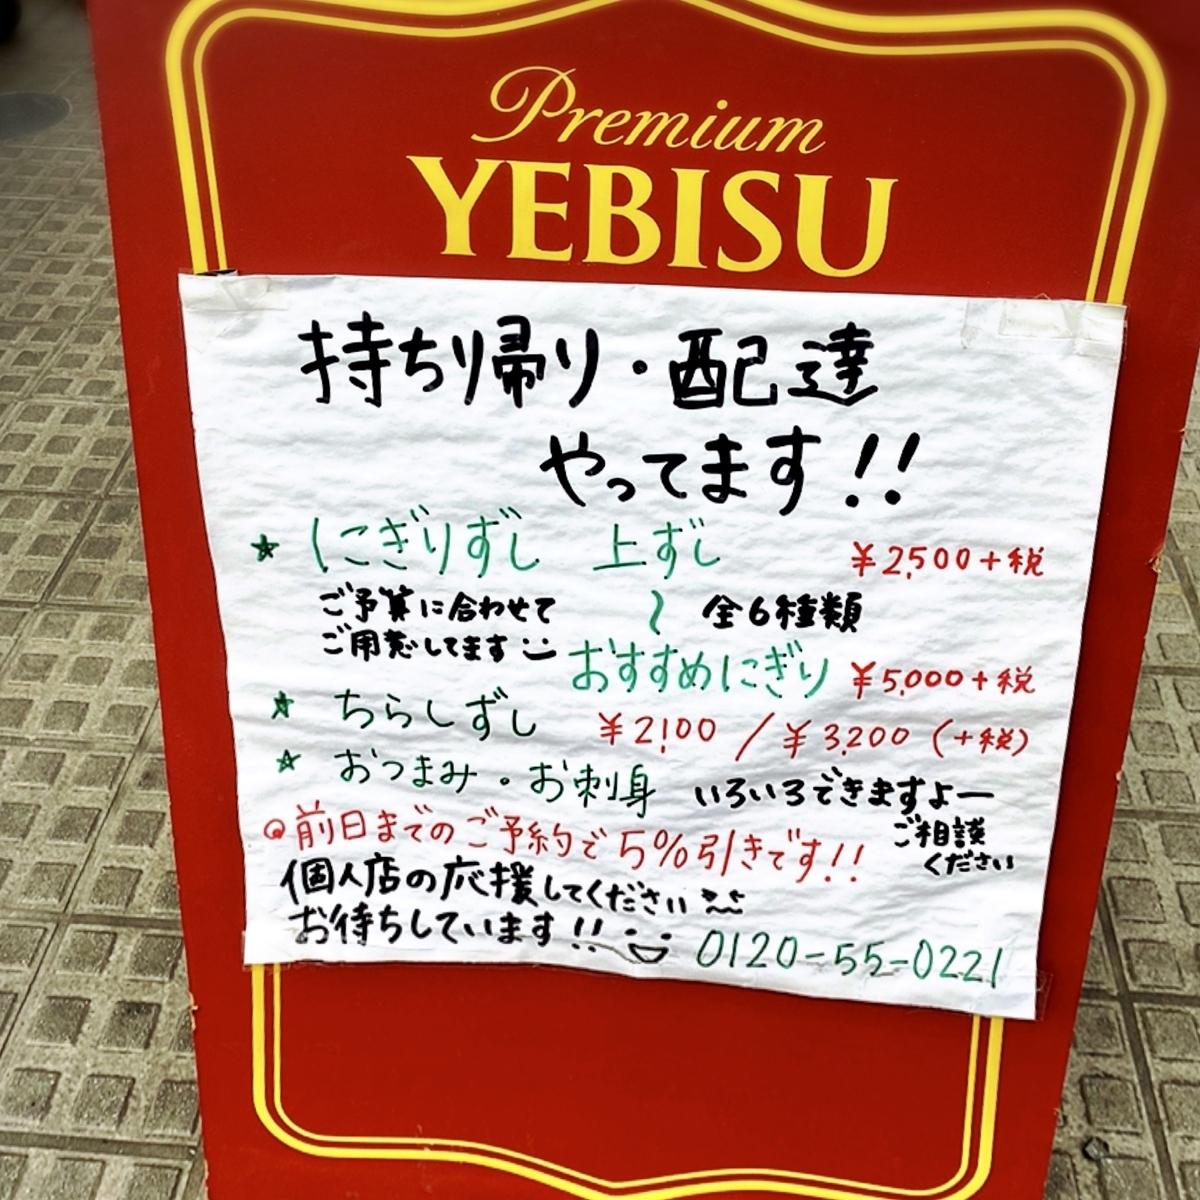 吉祥寺おすしやさんのテイクアウト(デリバリー)メニュー